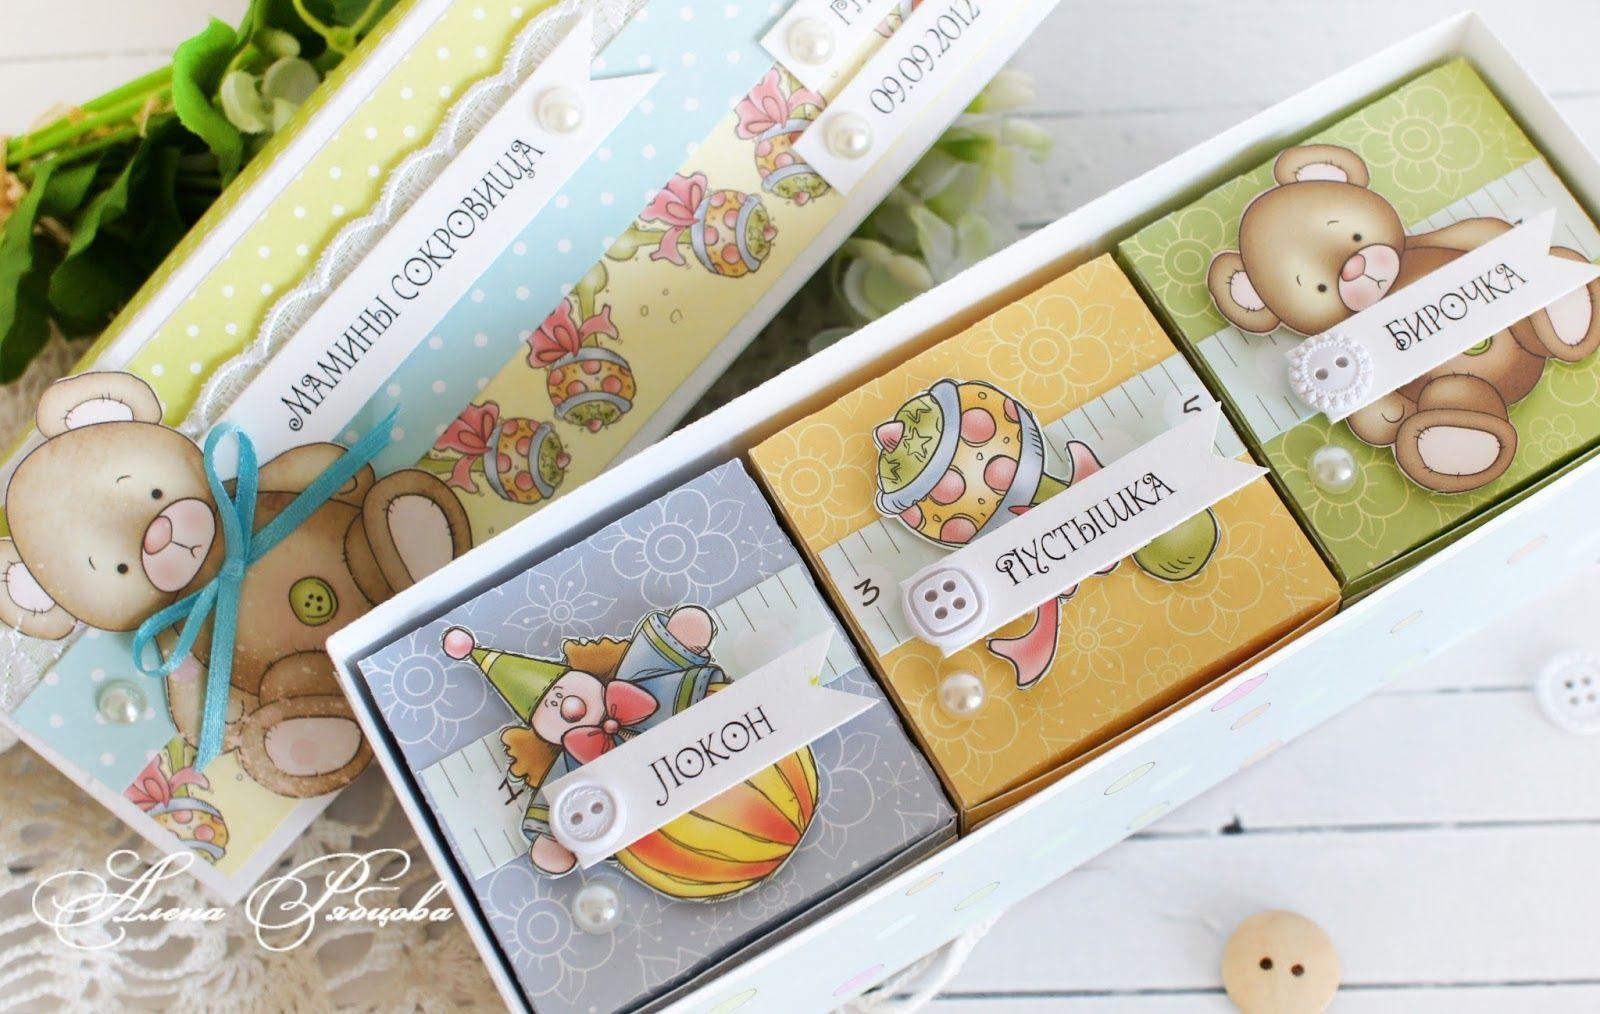 Блог Scrapberry's: Вдохновение со Scrapberry's - мамины сокровища